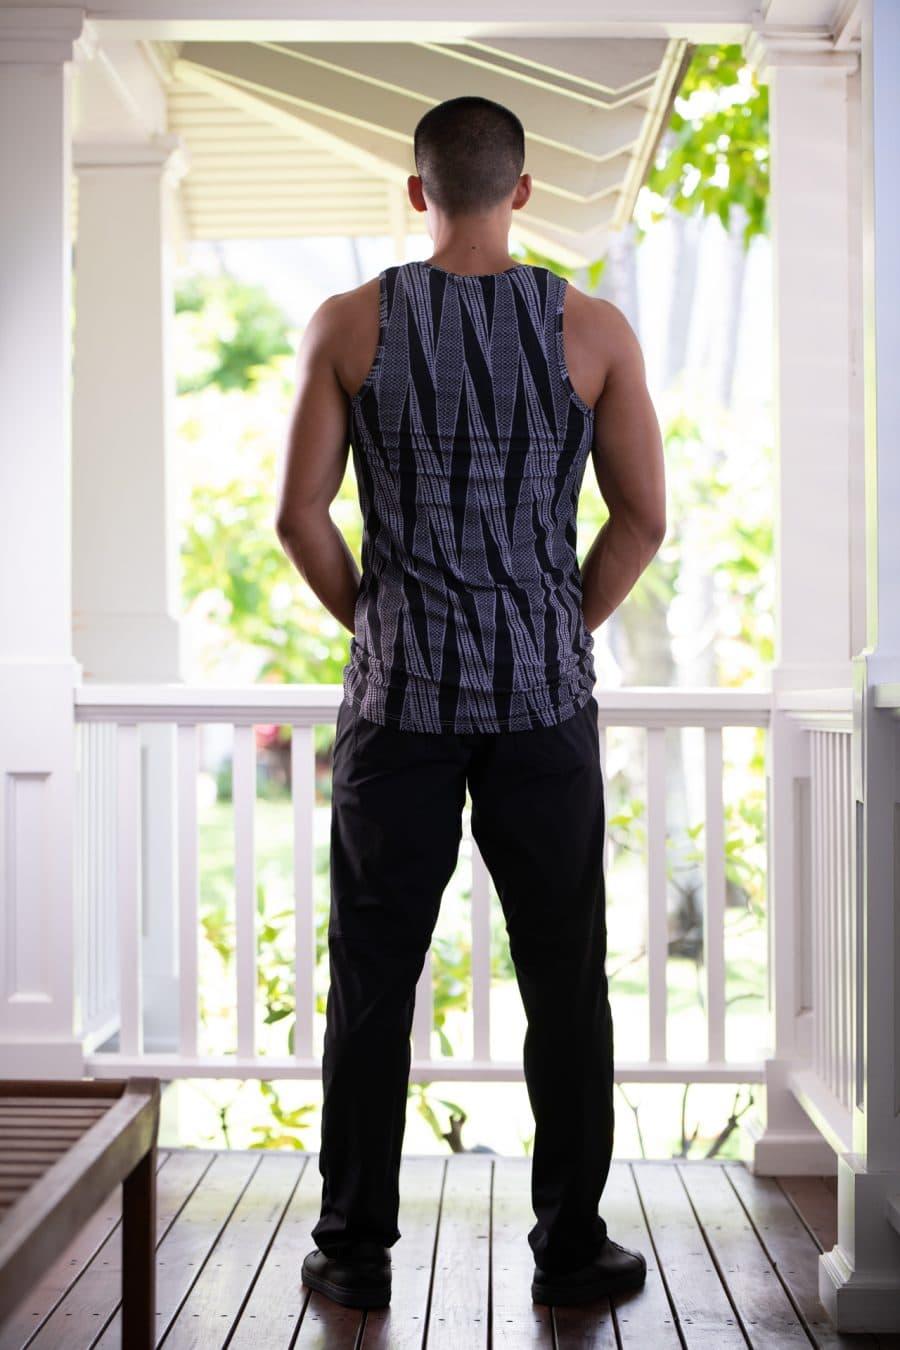 Male model wearing Kawelo Ribbed Tank in Jet Black Silver Filigree Kialoa Pattern - Back View